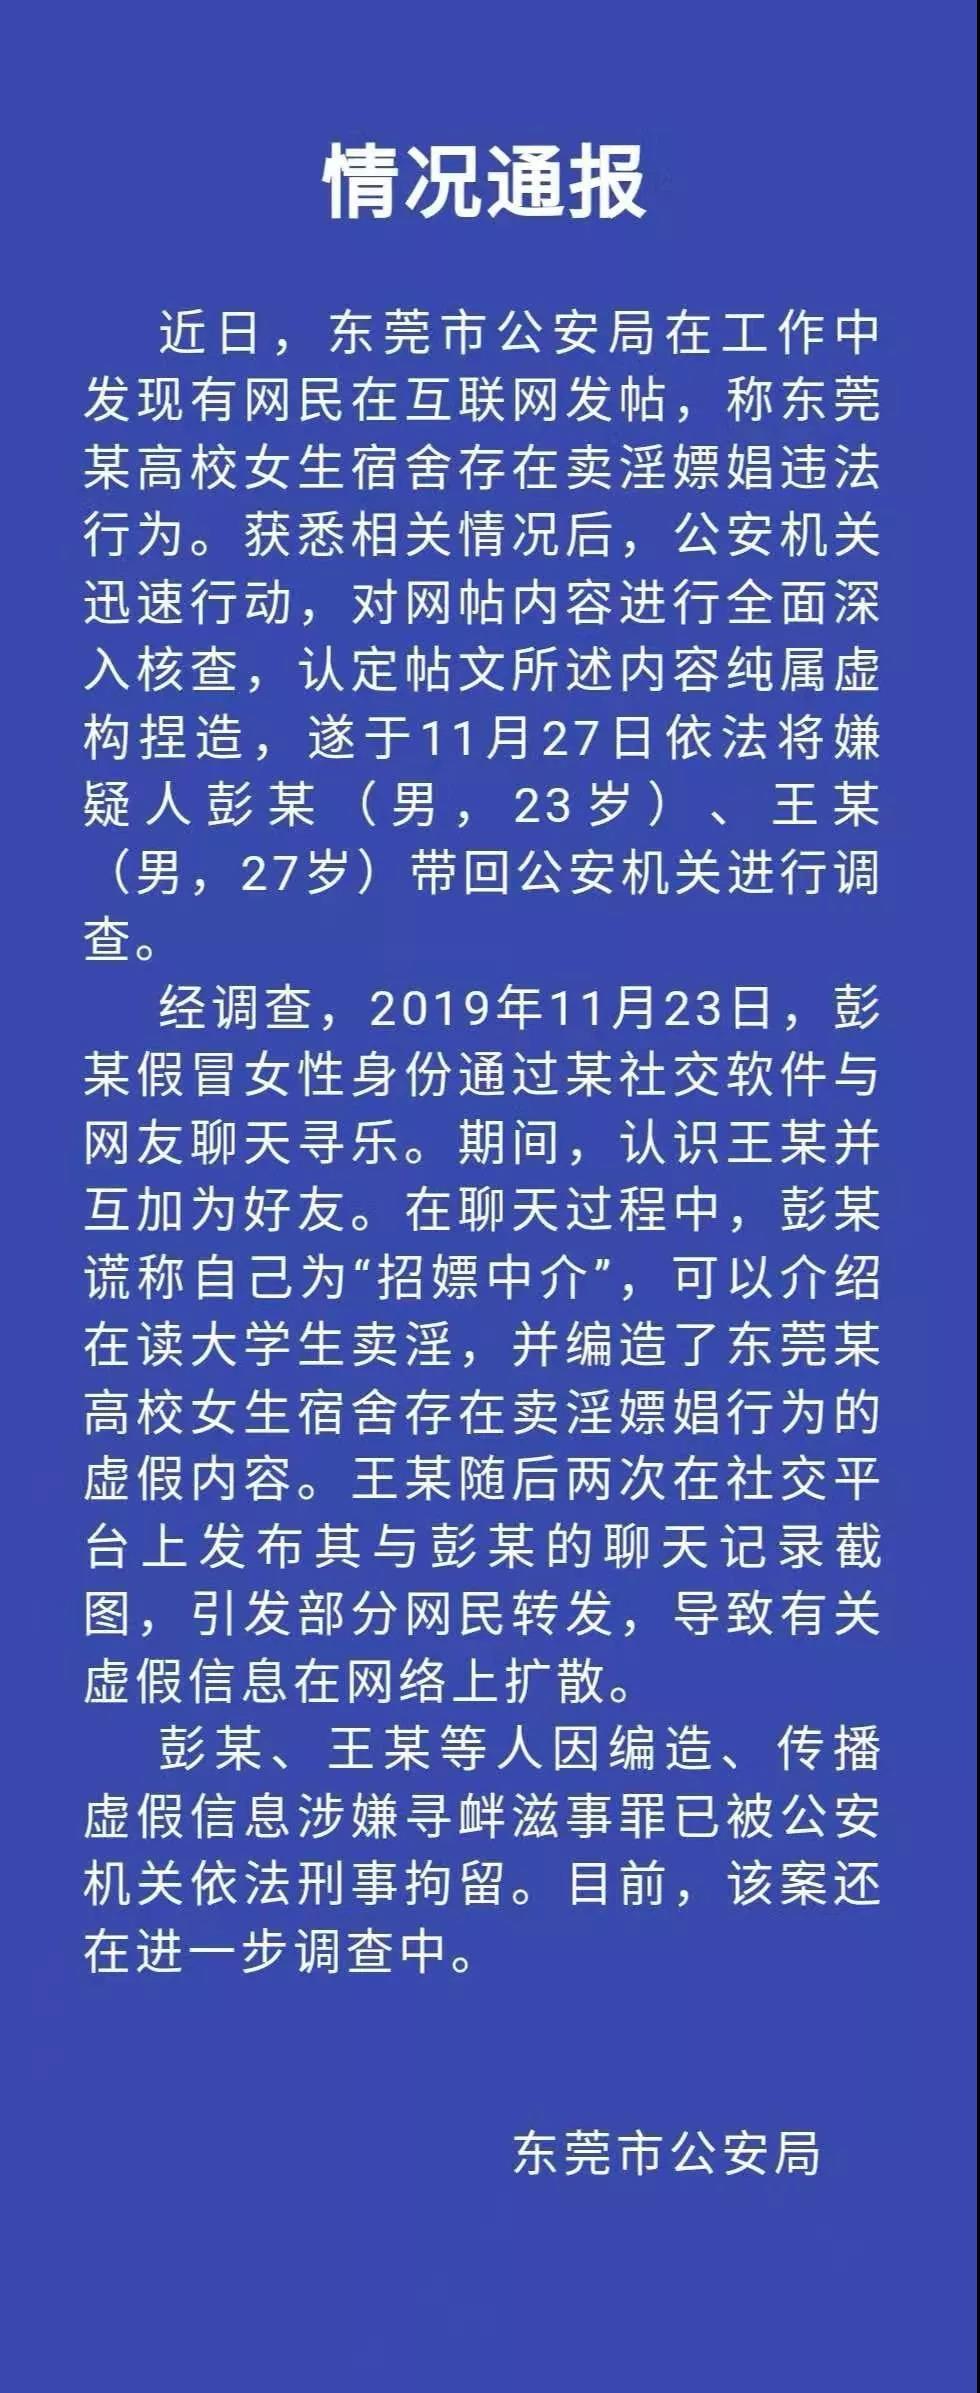 全讯太阳城官网 海印股份称非洲猪瘟防治疫苗为笔误 律师称涉嫌误导